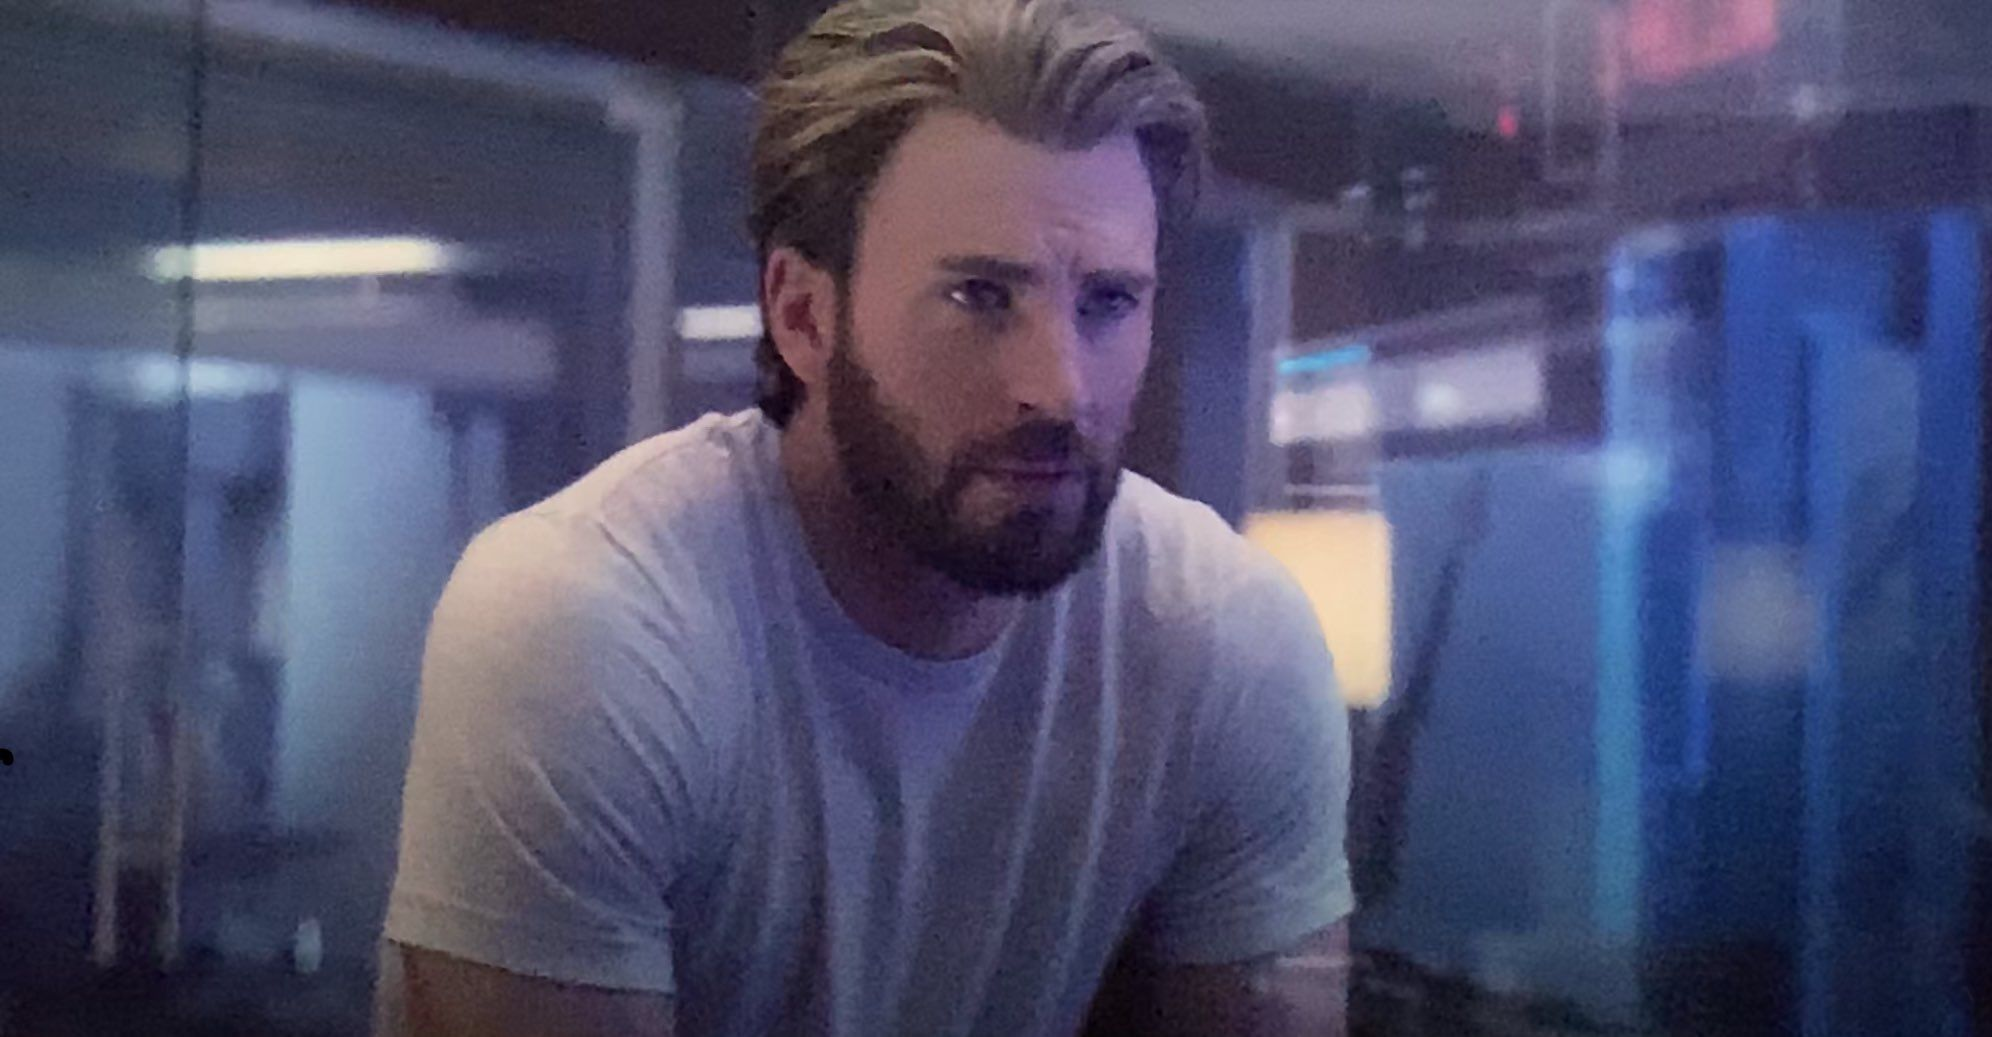 cap in captain marvel's post-credit scene for